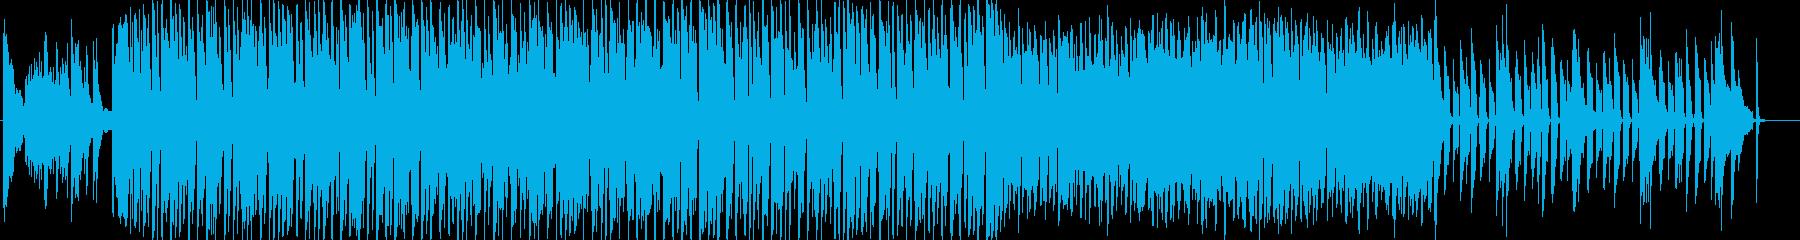 ジャズ 説明的 静か クール 気分...の再生済みの波形